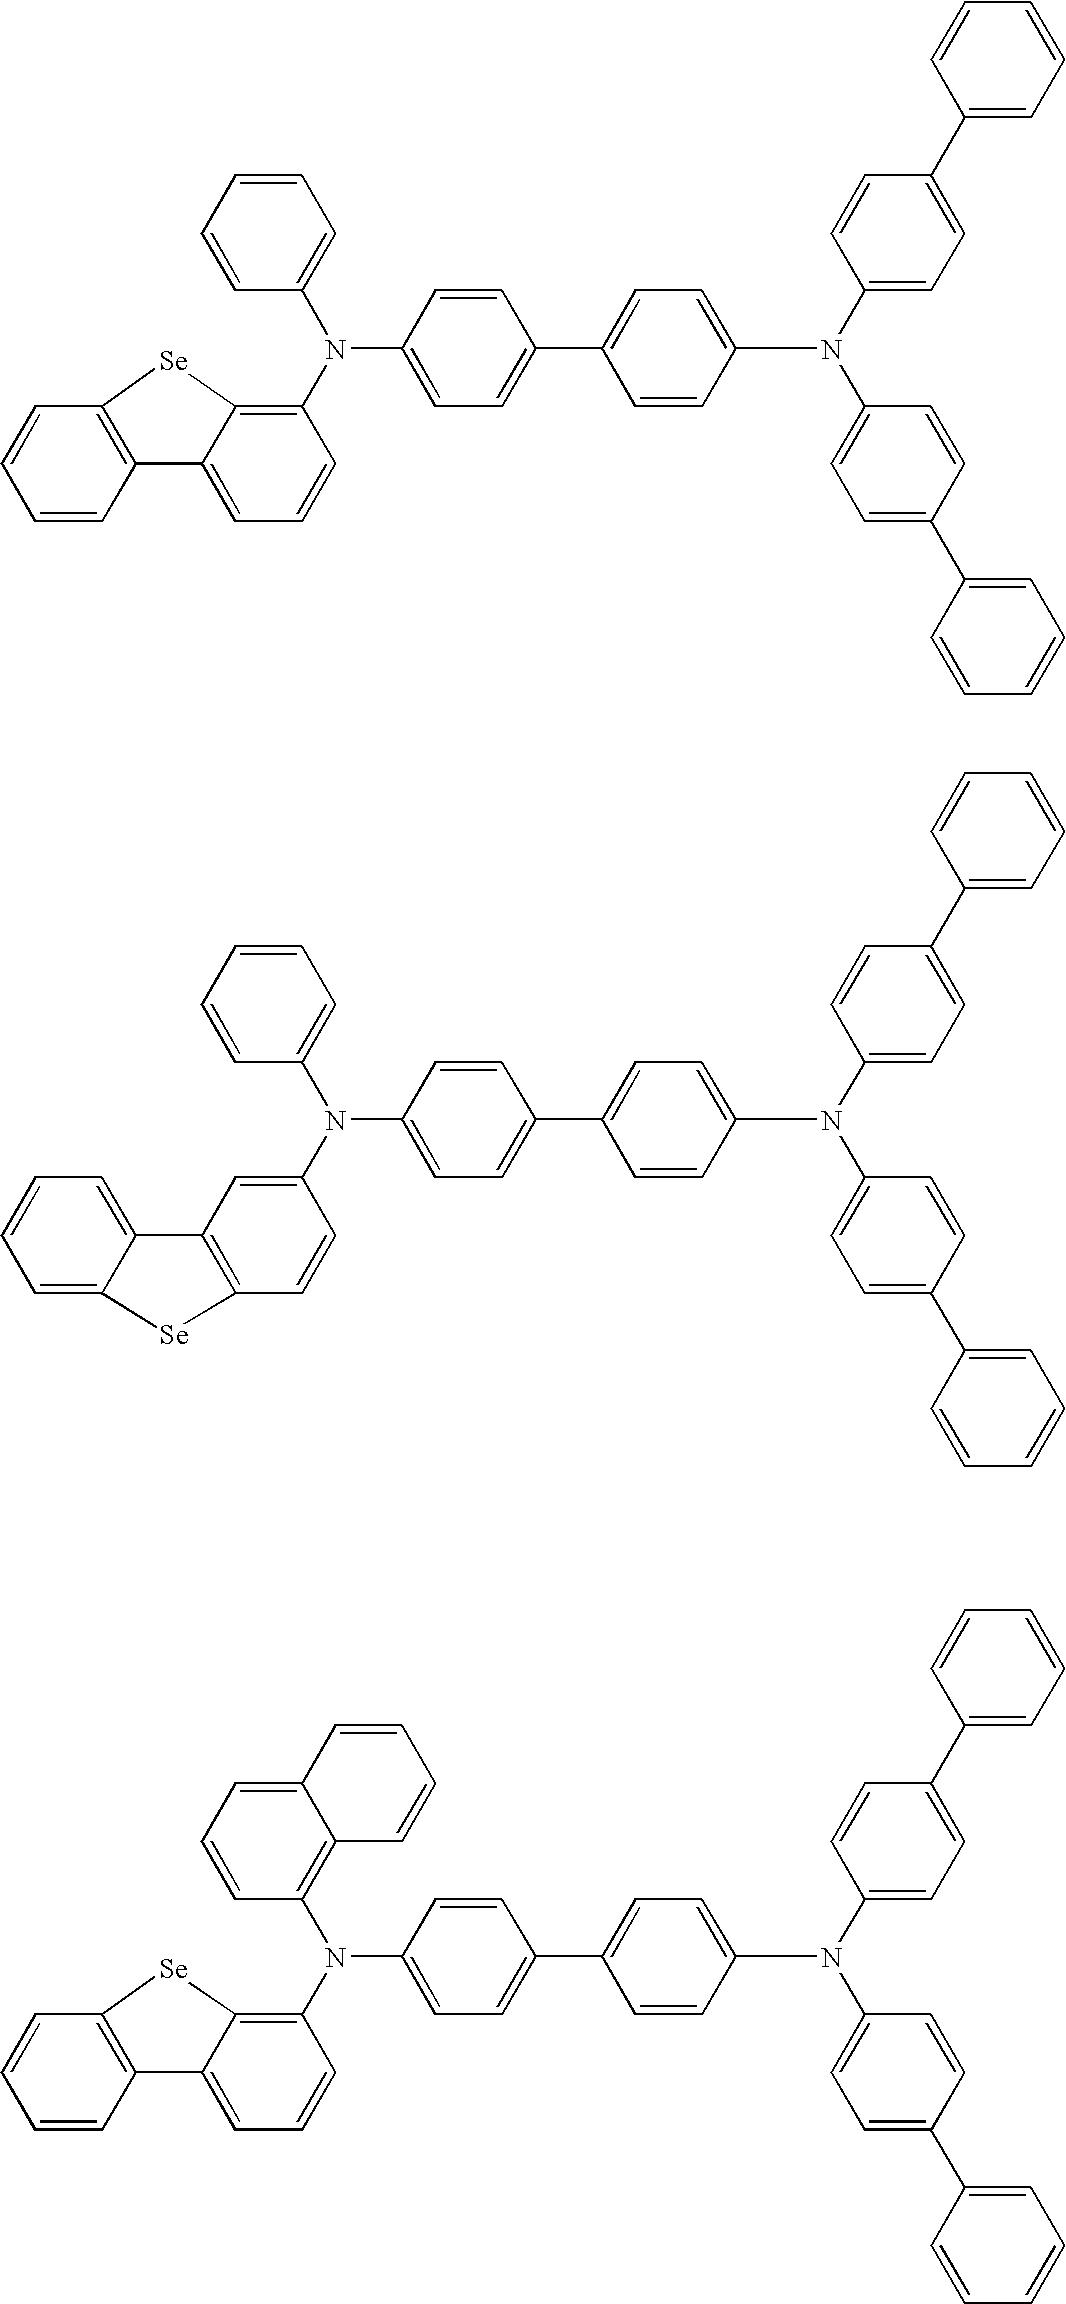 Figure US20100072887A1-20100325-C00021